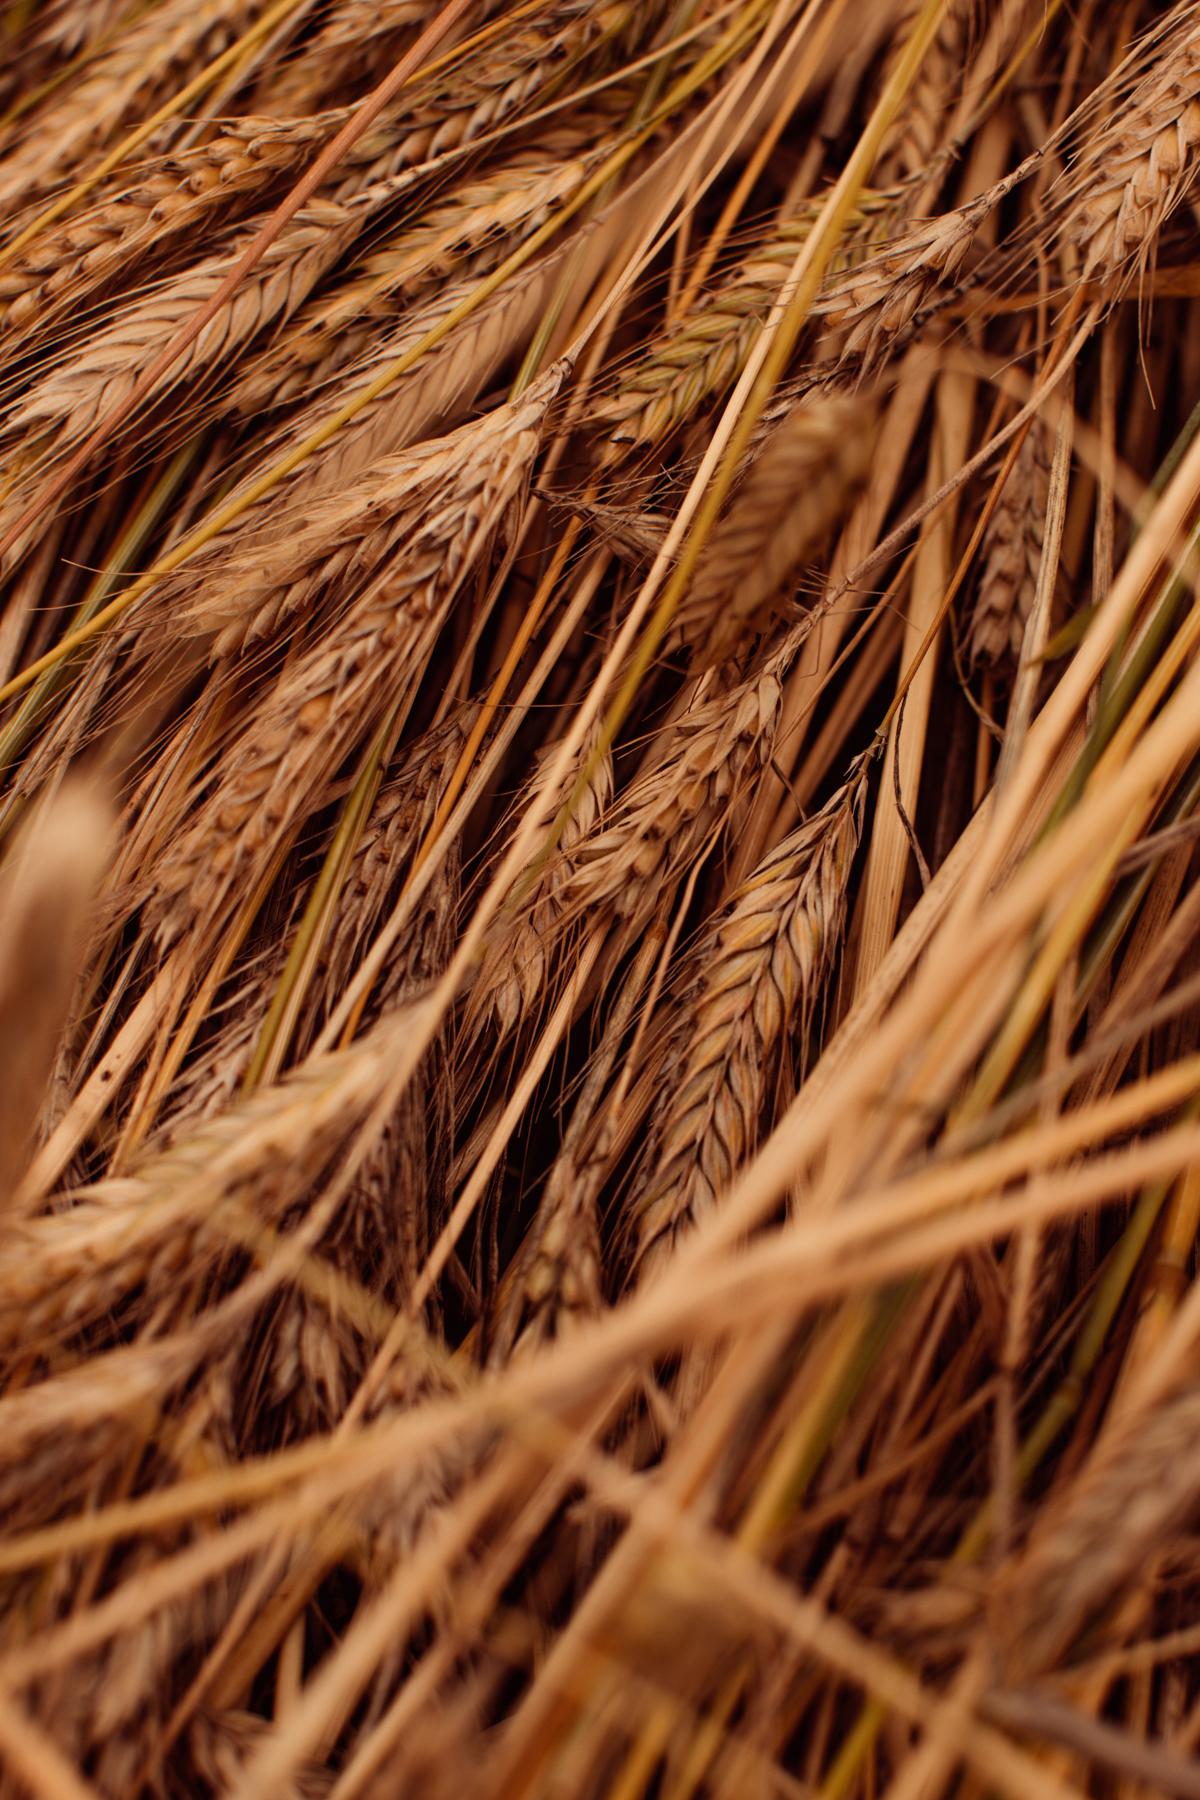 wheat-77